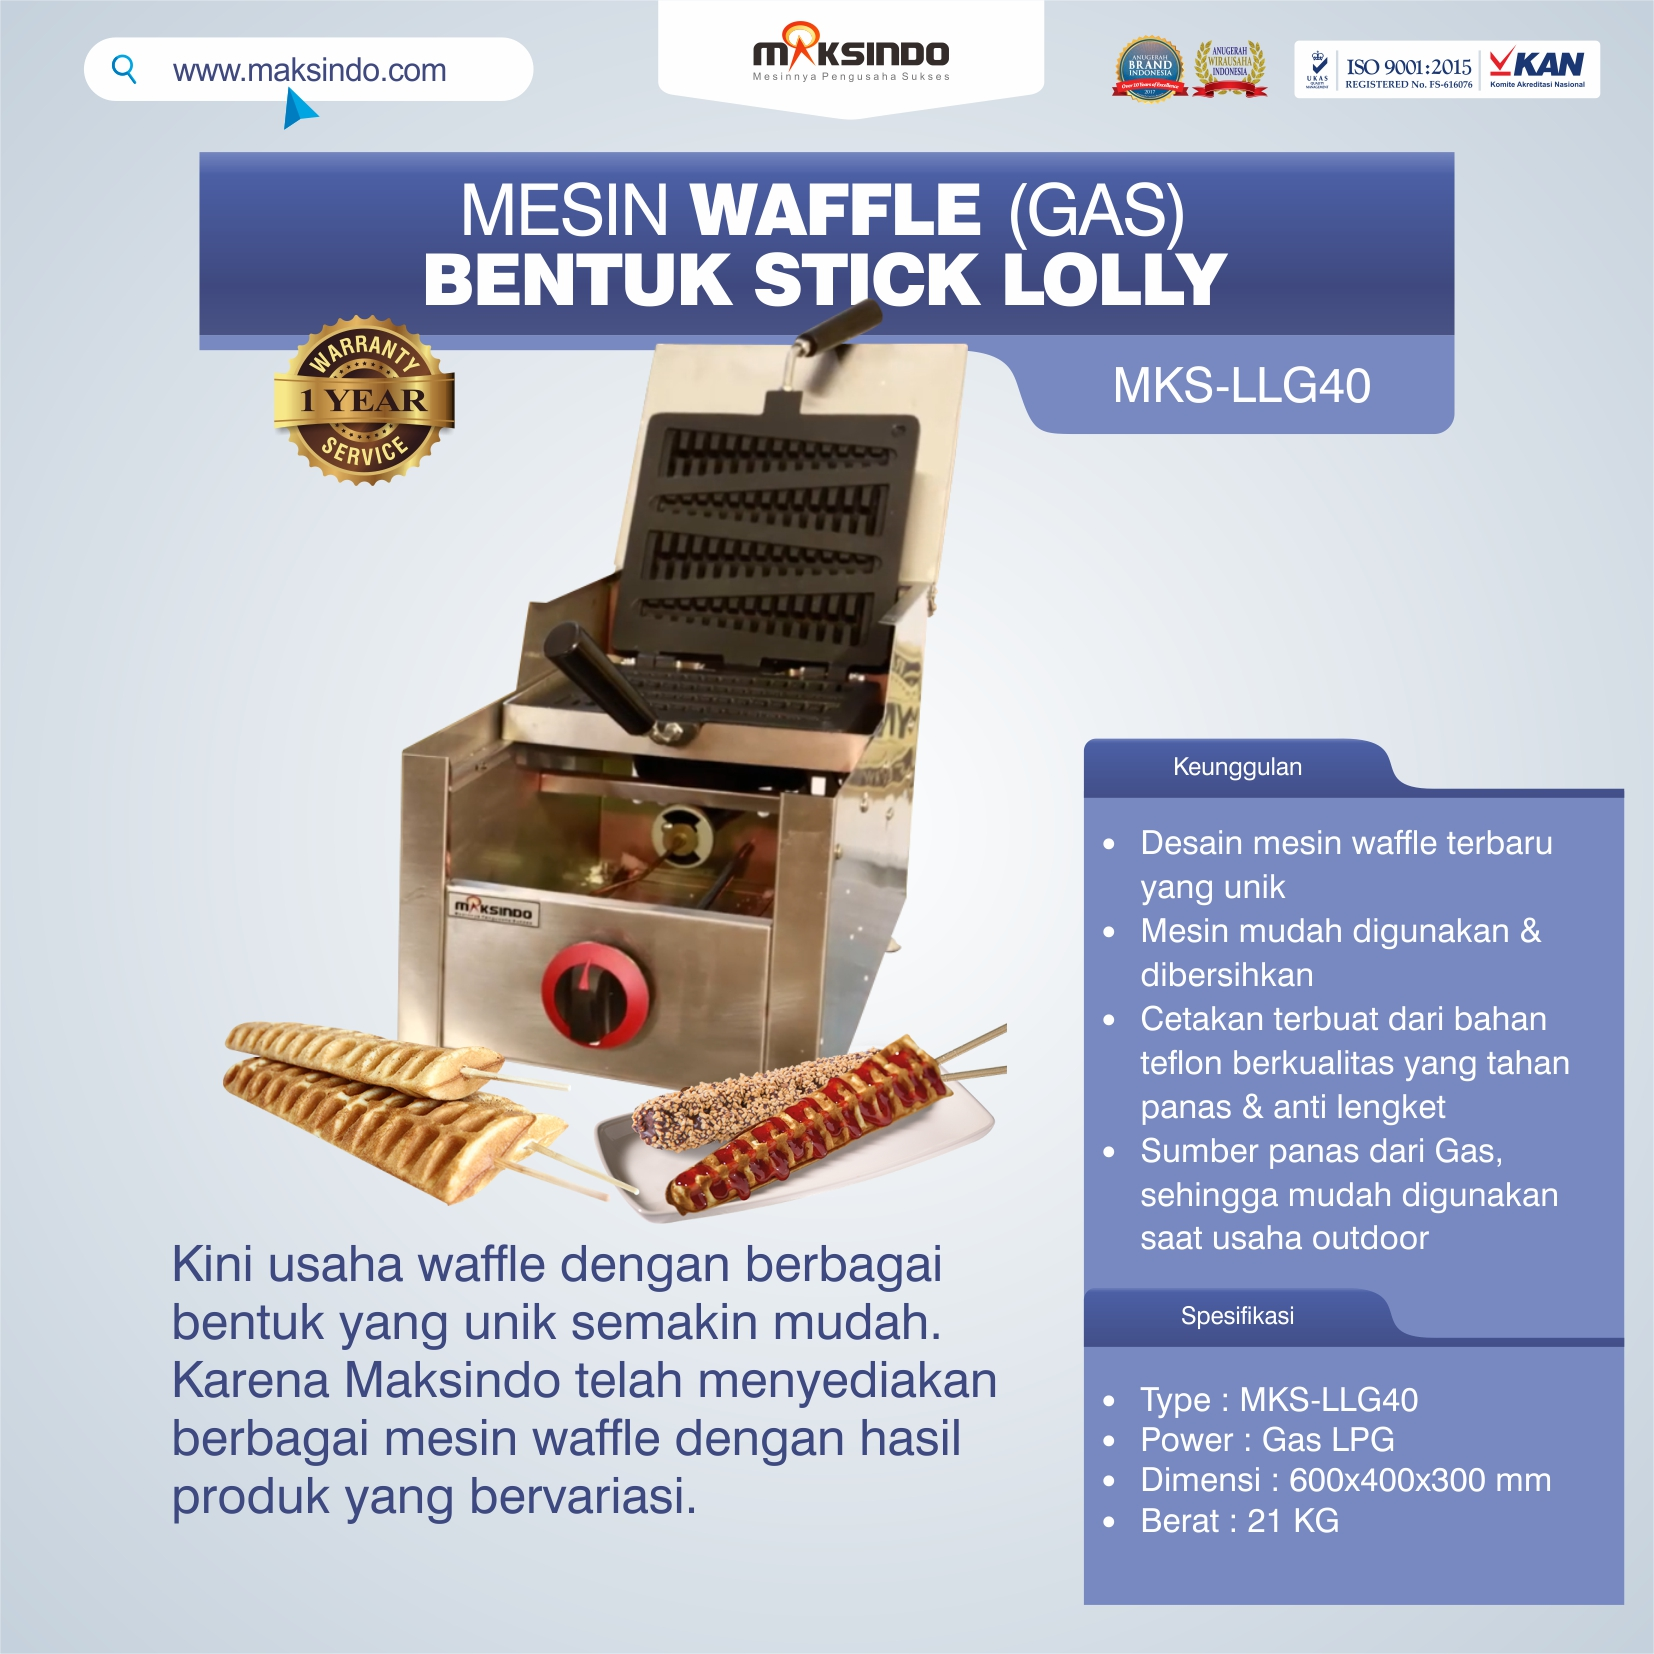 Jual Mesin Waffle Bentuk Stick Lolly (Gas) MKS-LLG40 di Tangerang